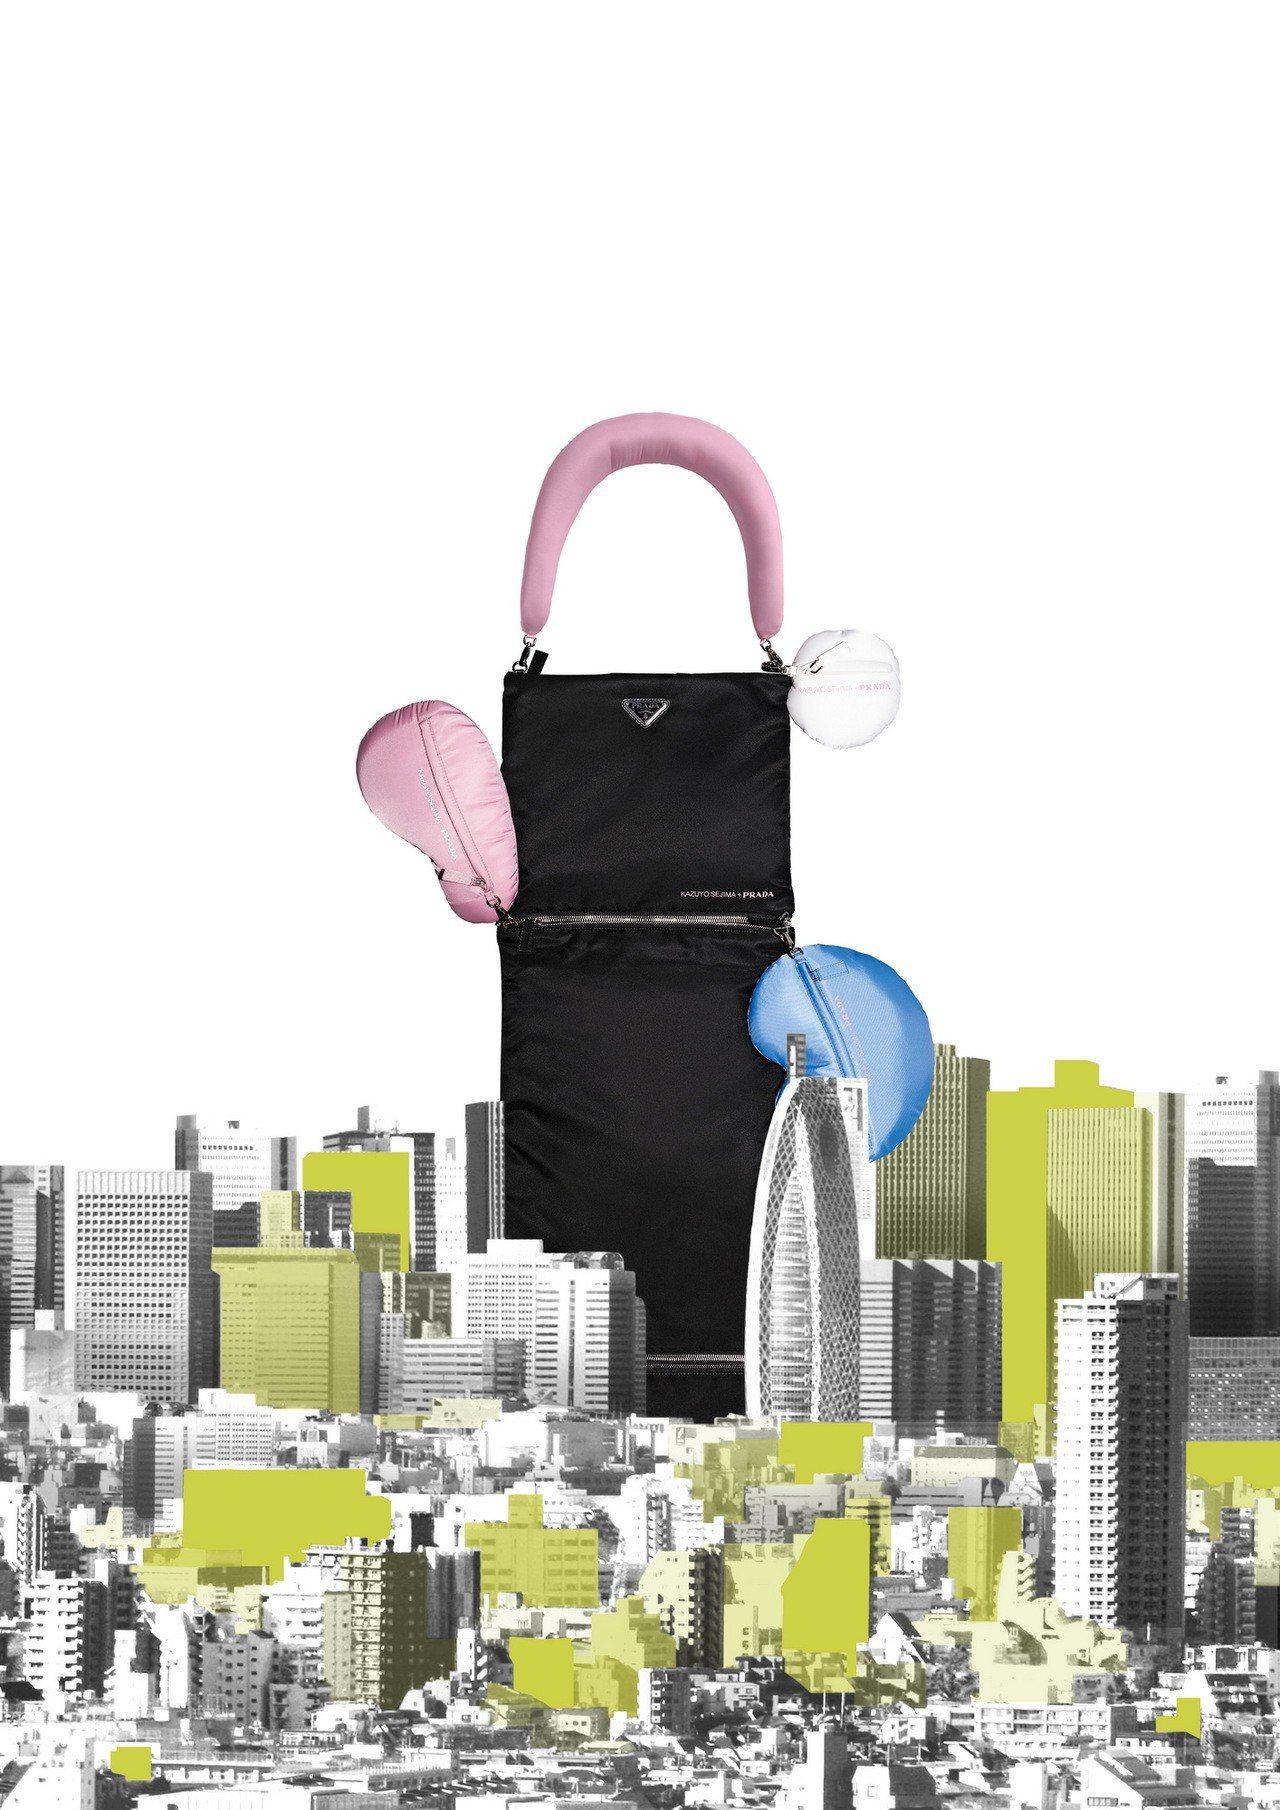 妹島和世 (Kazuyo Sejima)打造色彩繽紛可愛的長袋daln,70,0...